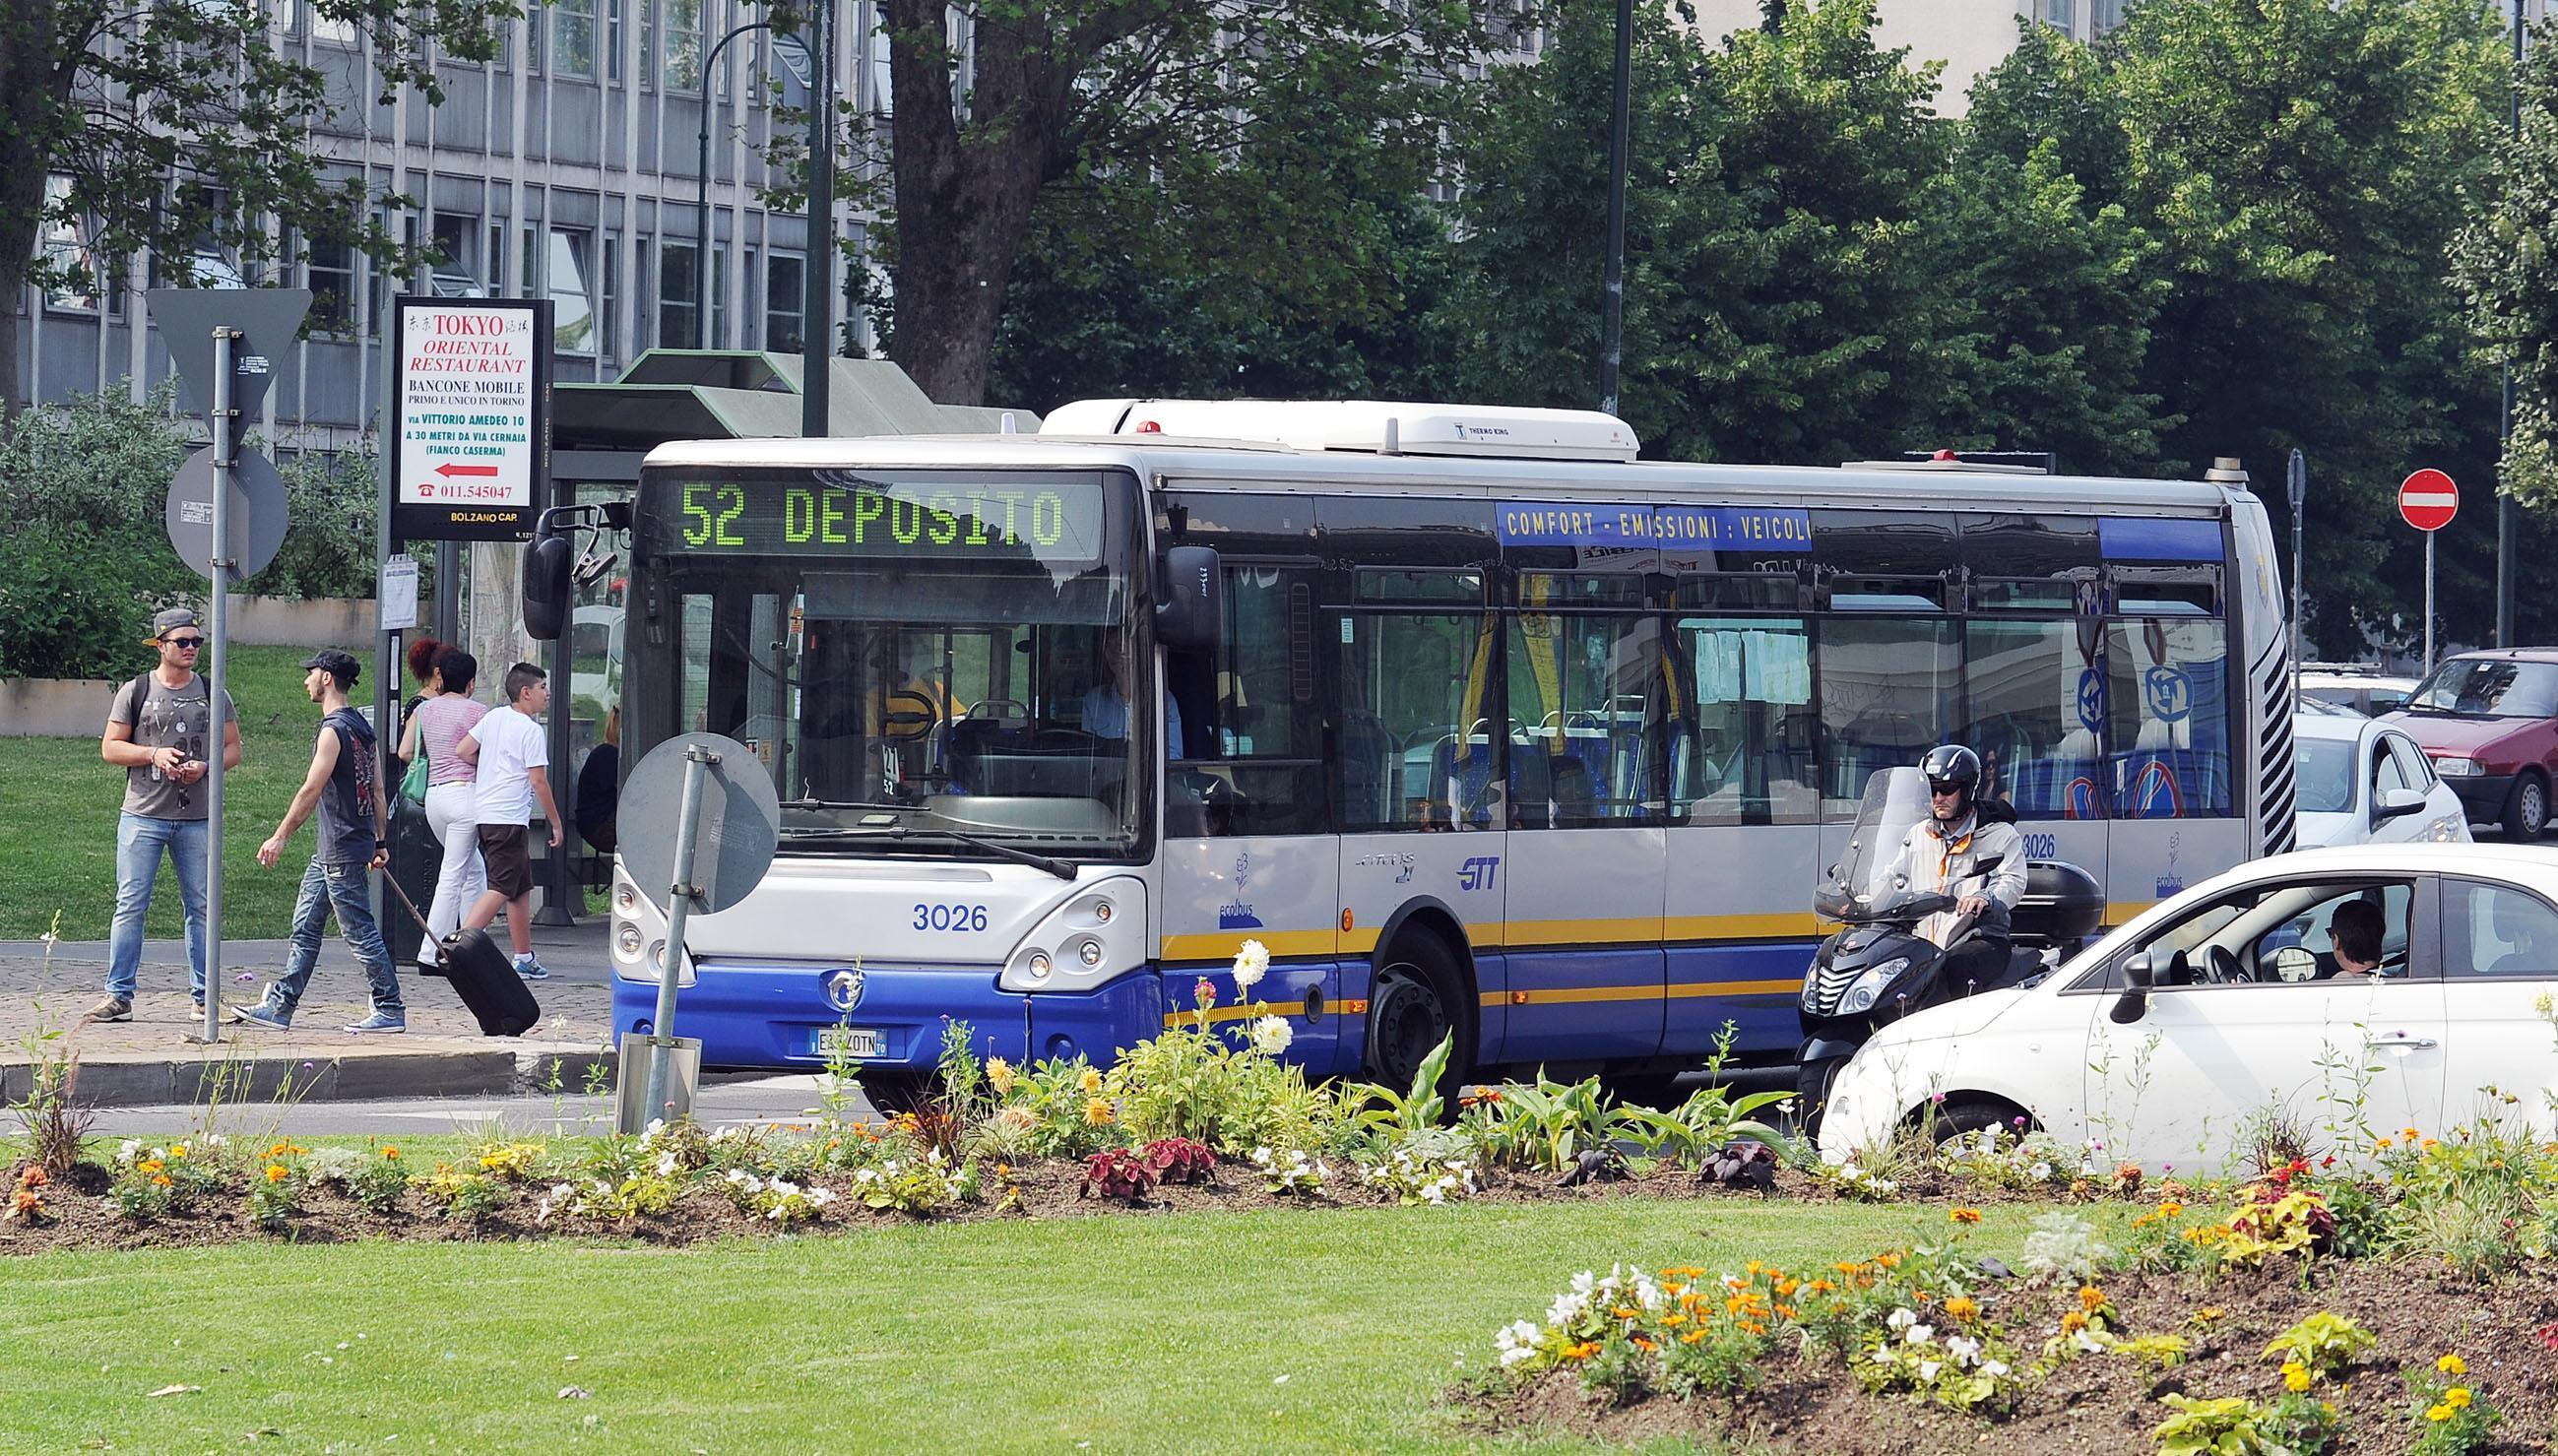 Insulti bus, identificato autore offese